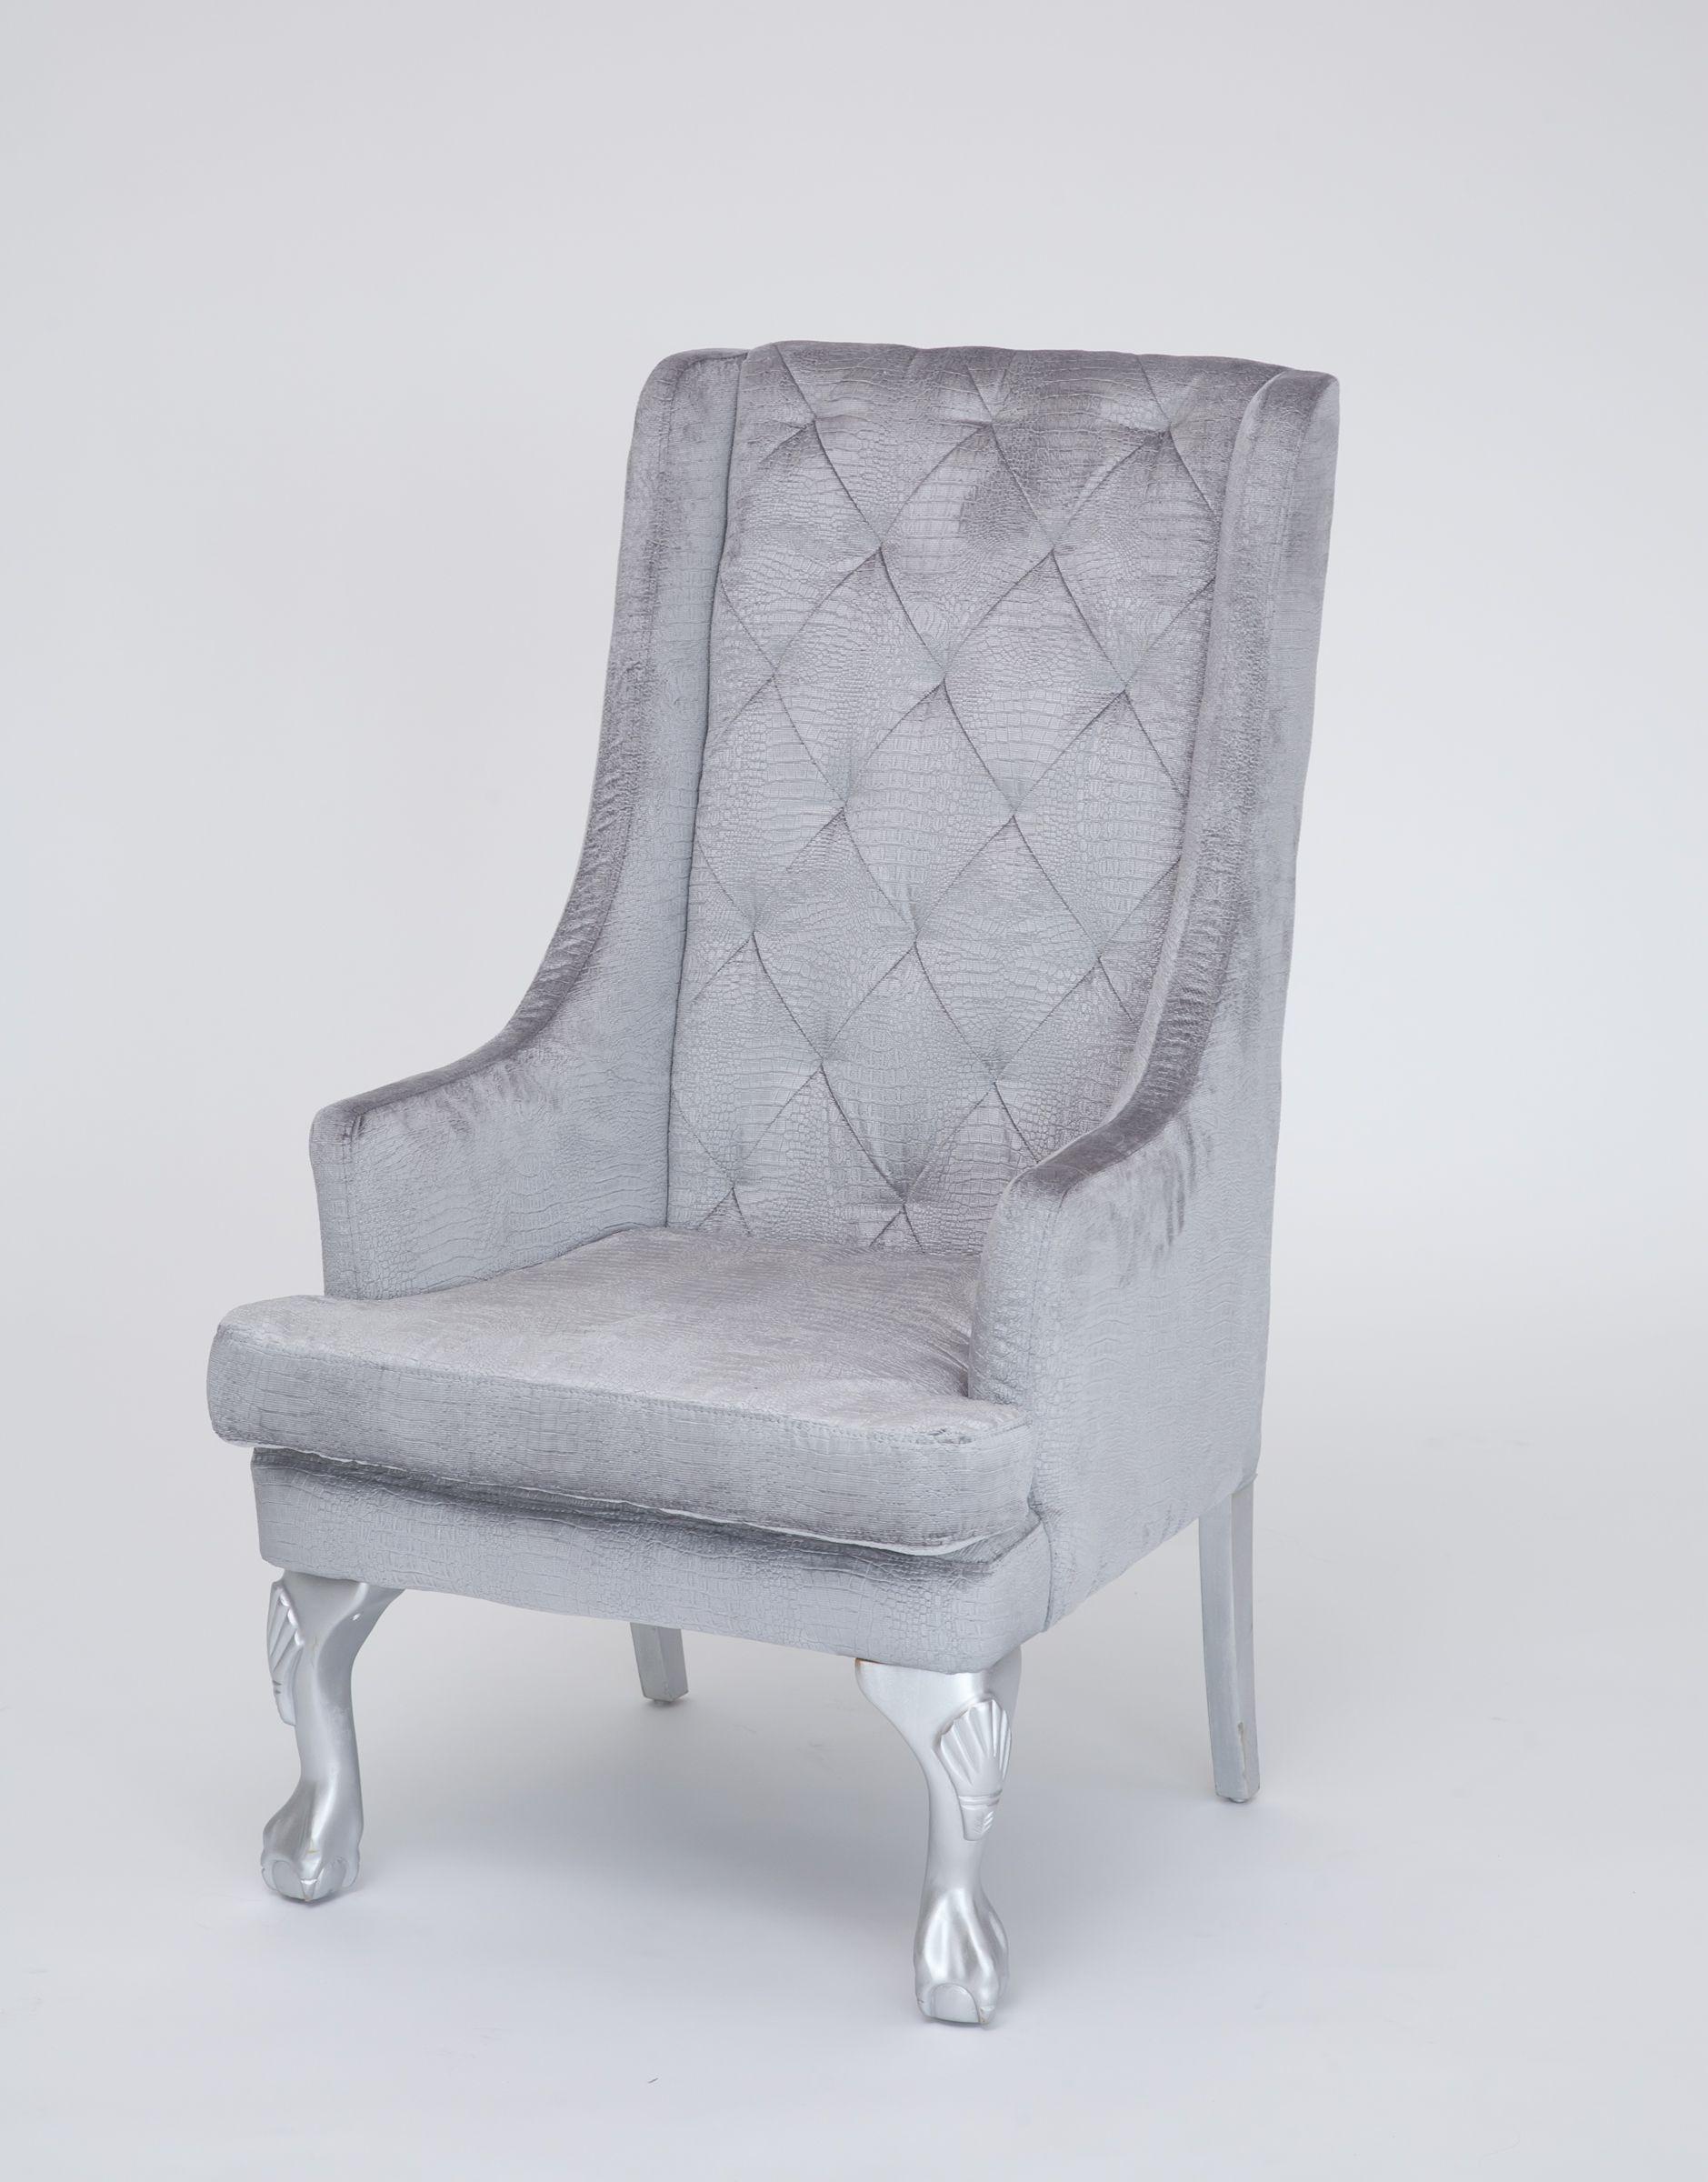 Blau Wingback Sessel Wingback Drehstuhl Mit Hohem Rücken, Flügel Stühle Für  Wohnzimmer Französisch Wing Chair